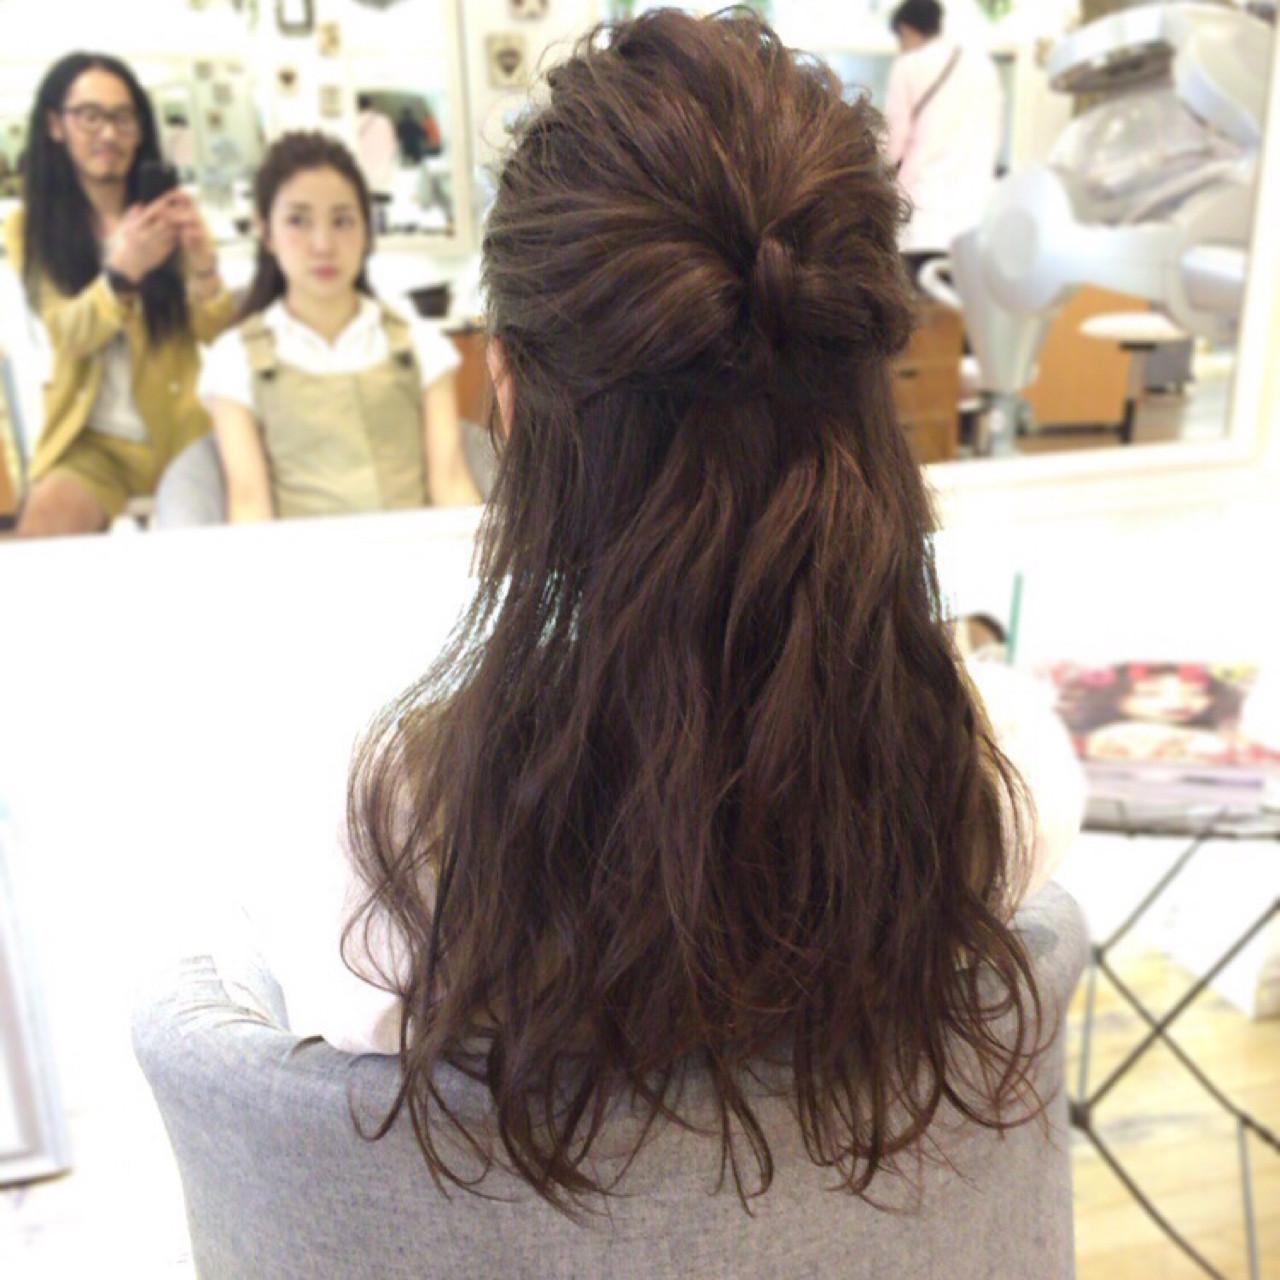 ハーフアップ アップスタイル パーティ 結婚式 ヘアスタイルや髪型の写真・画像